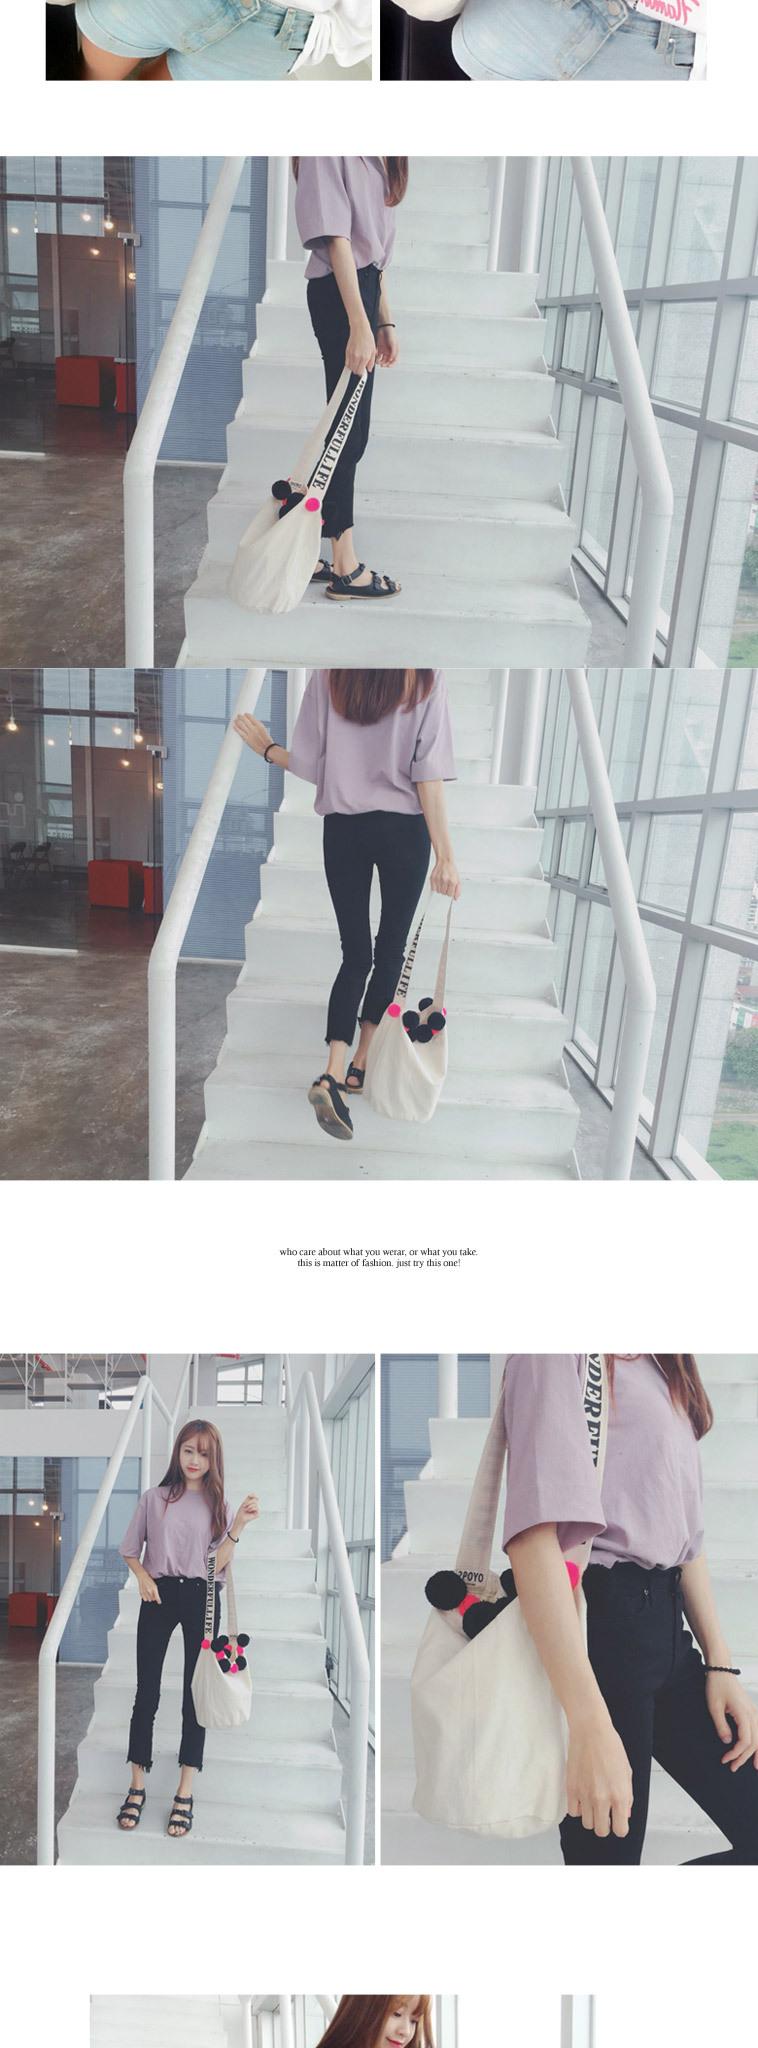 [땡땡땡]클리어런스 에코백 990원~ - 상세정보